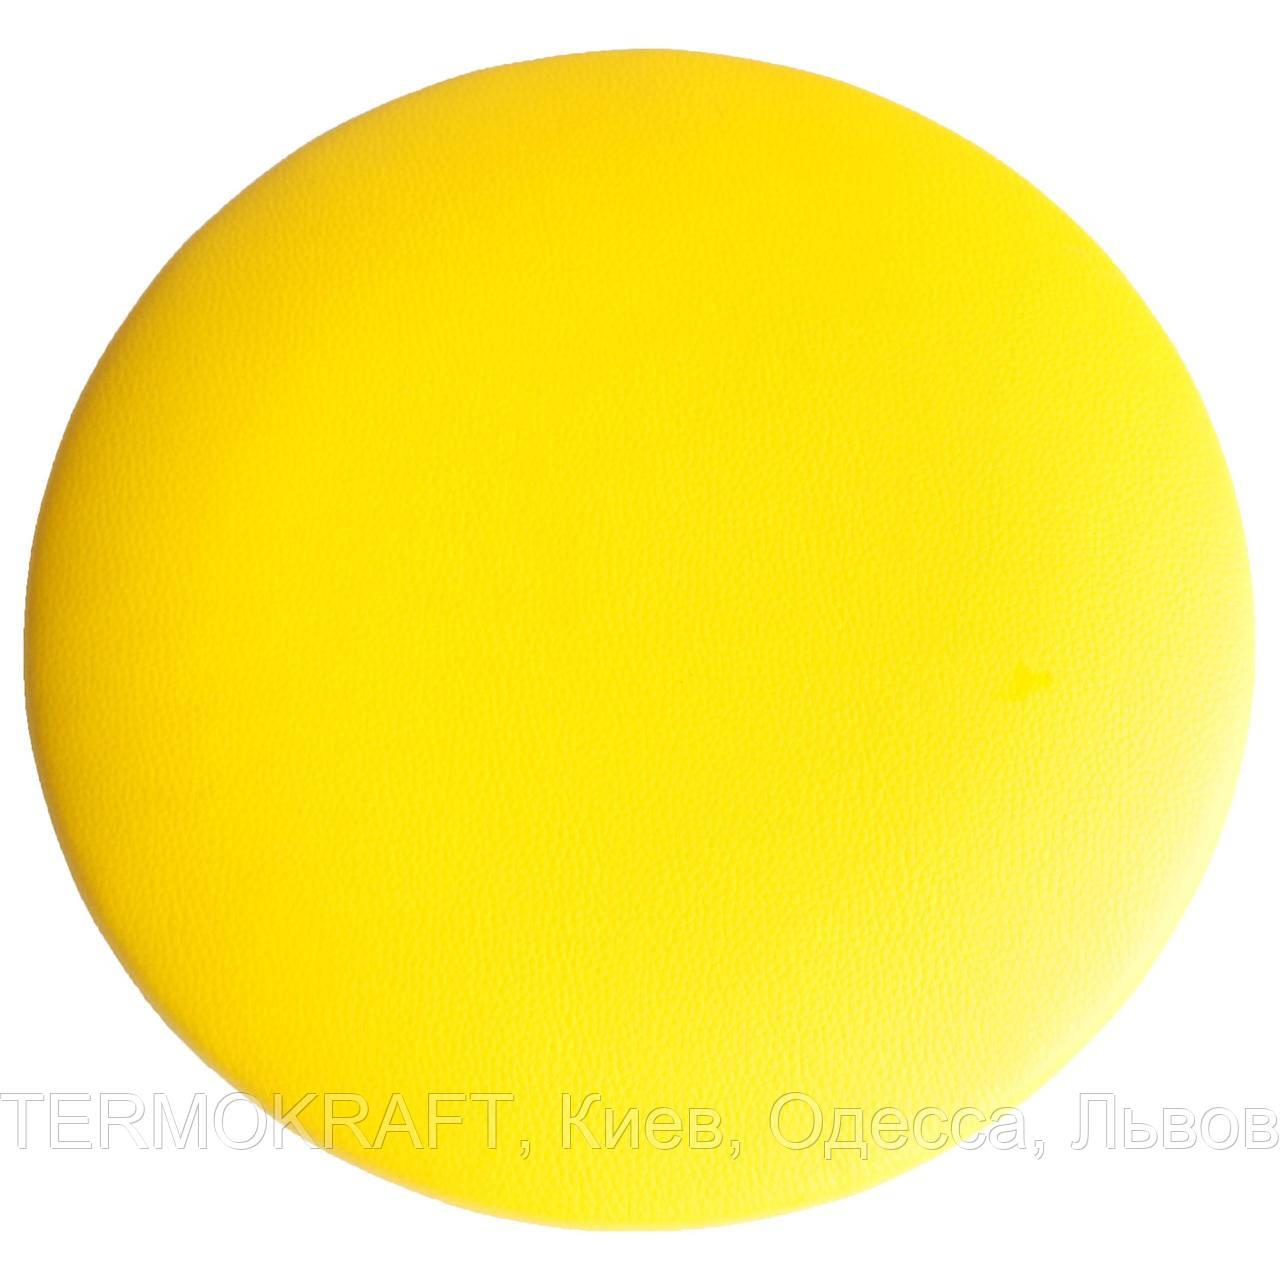 Сидіння стільця АНТ D-340 кругле жовте